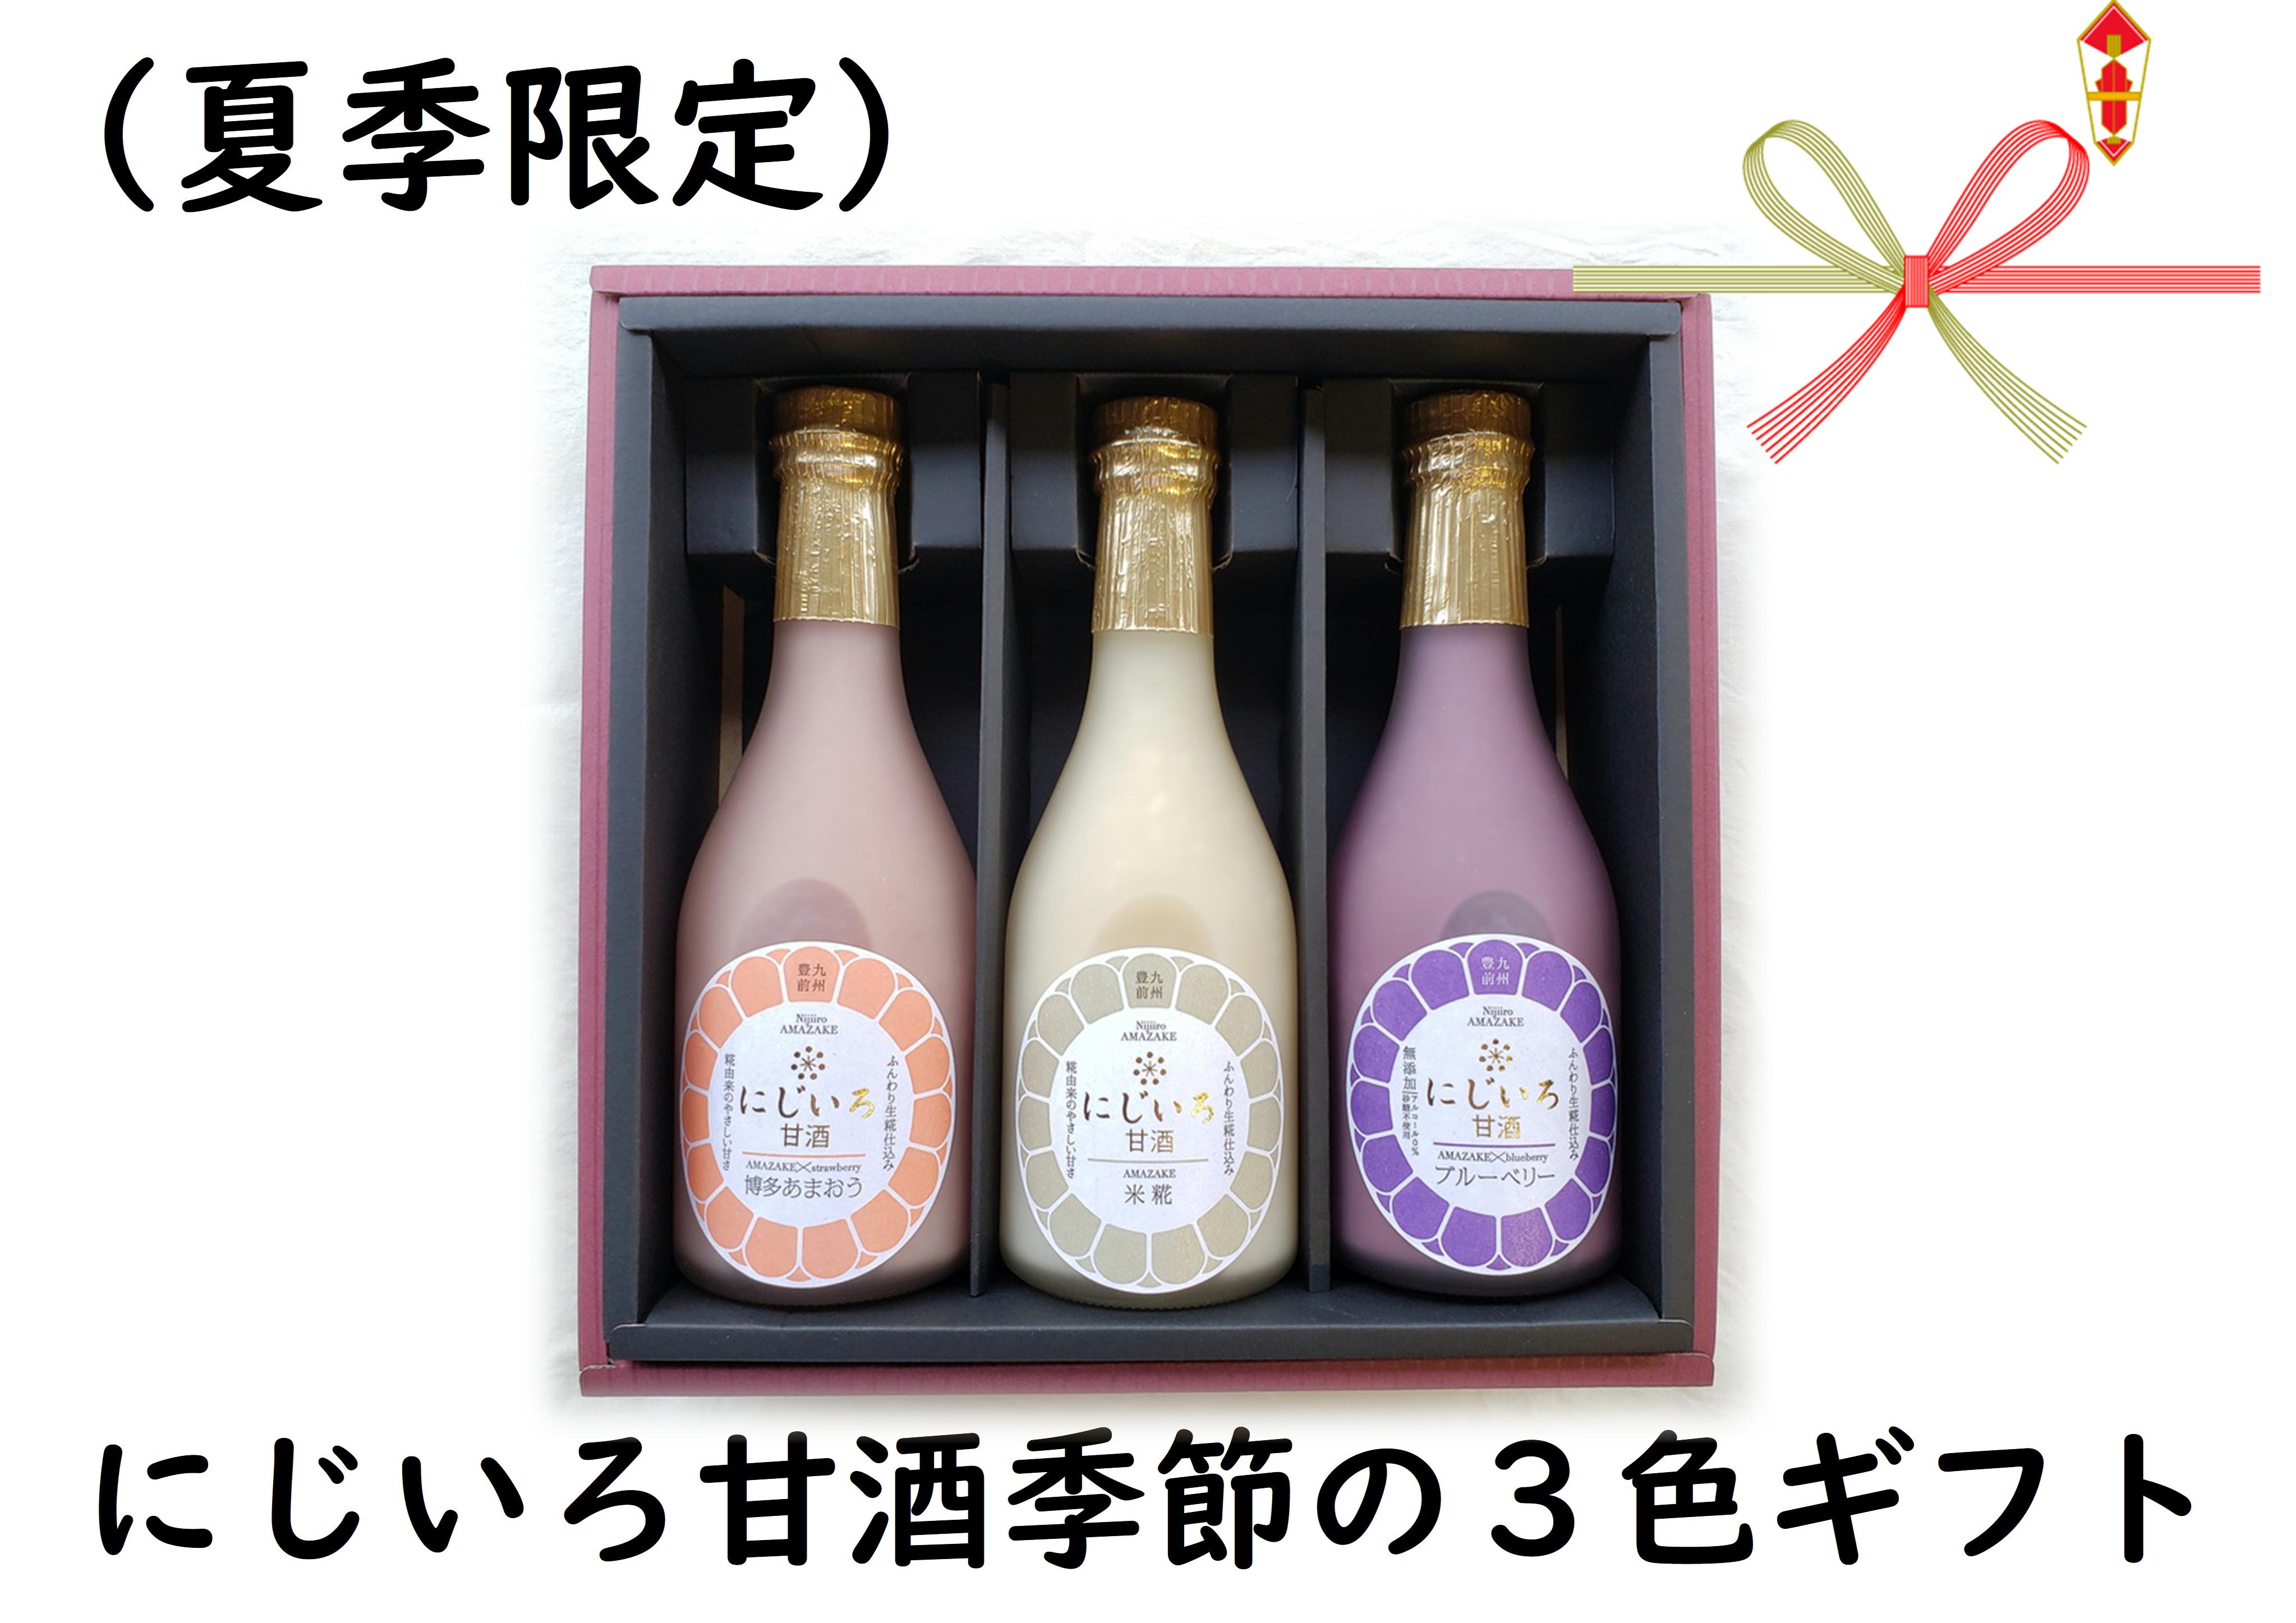 にじいろ甘酒季節の3色ギフトセット(博多あまおう・ブルーベリー・米糀・)お歳暮・贈り物